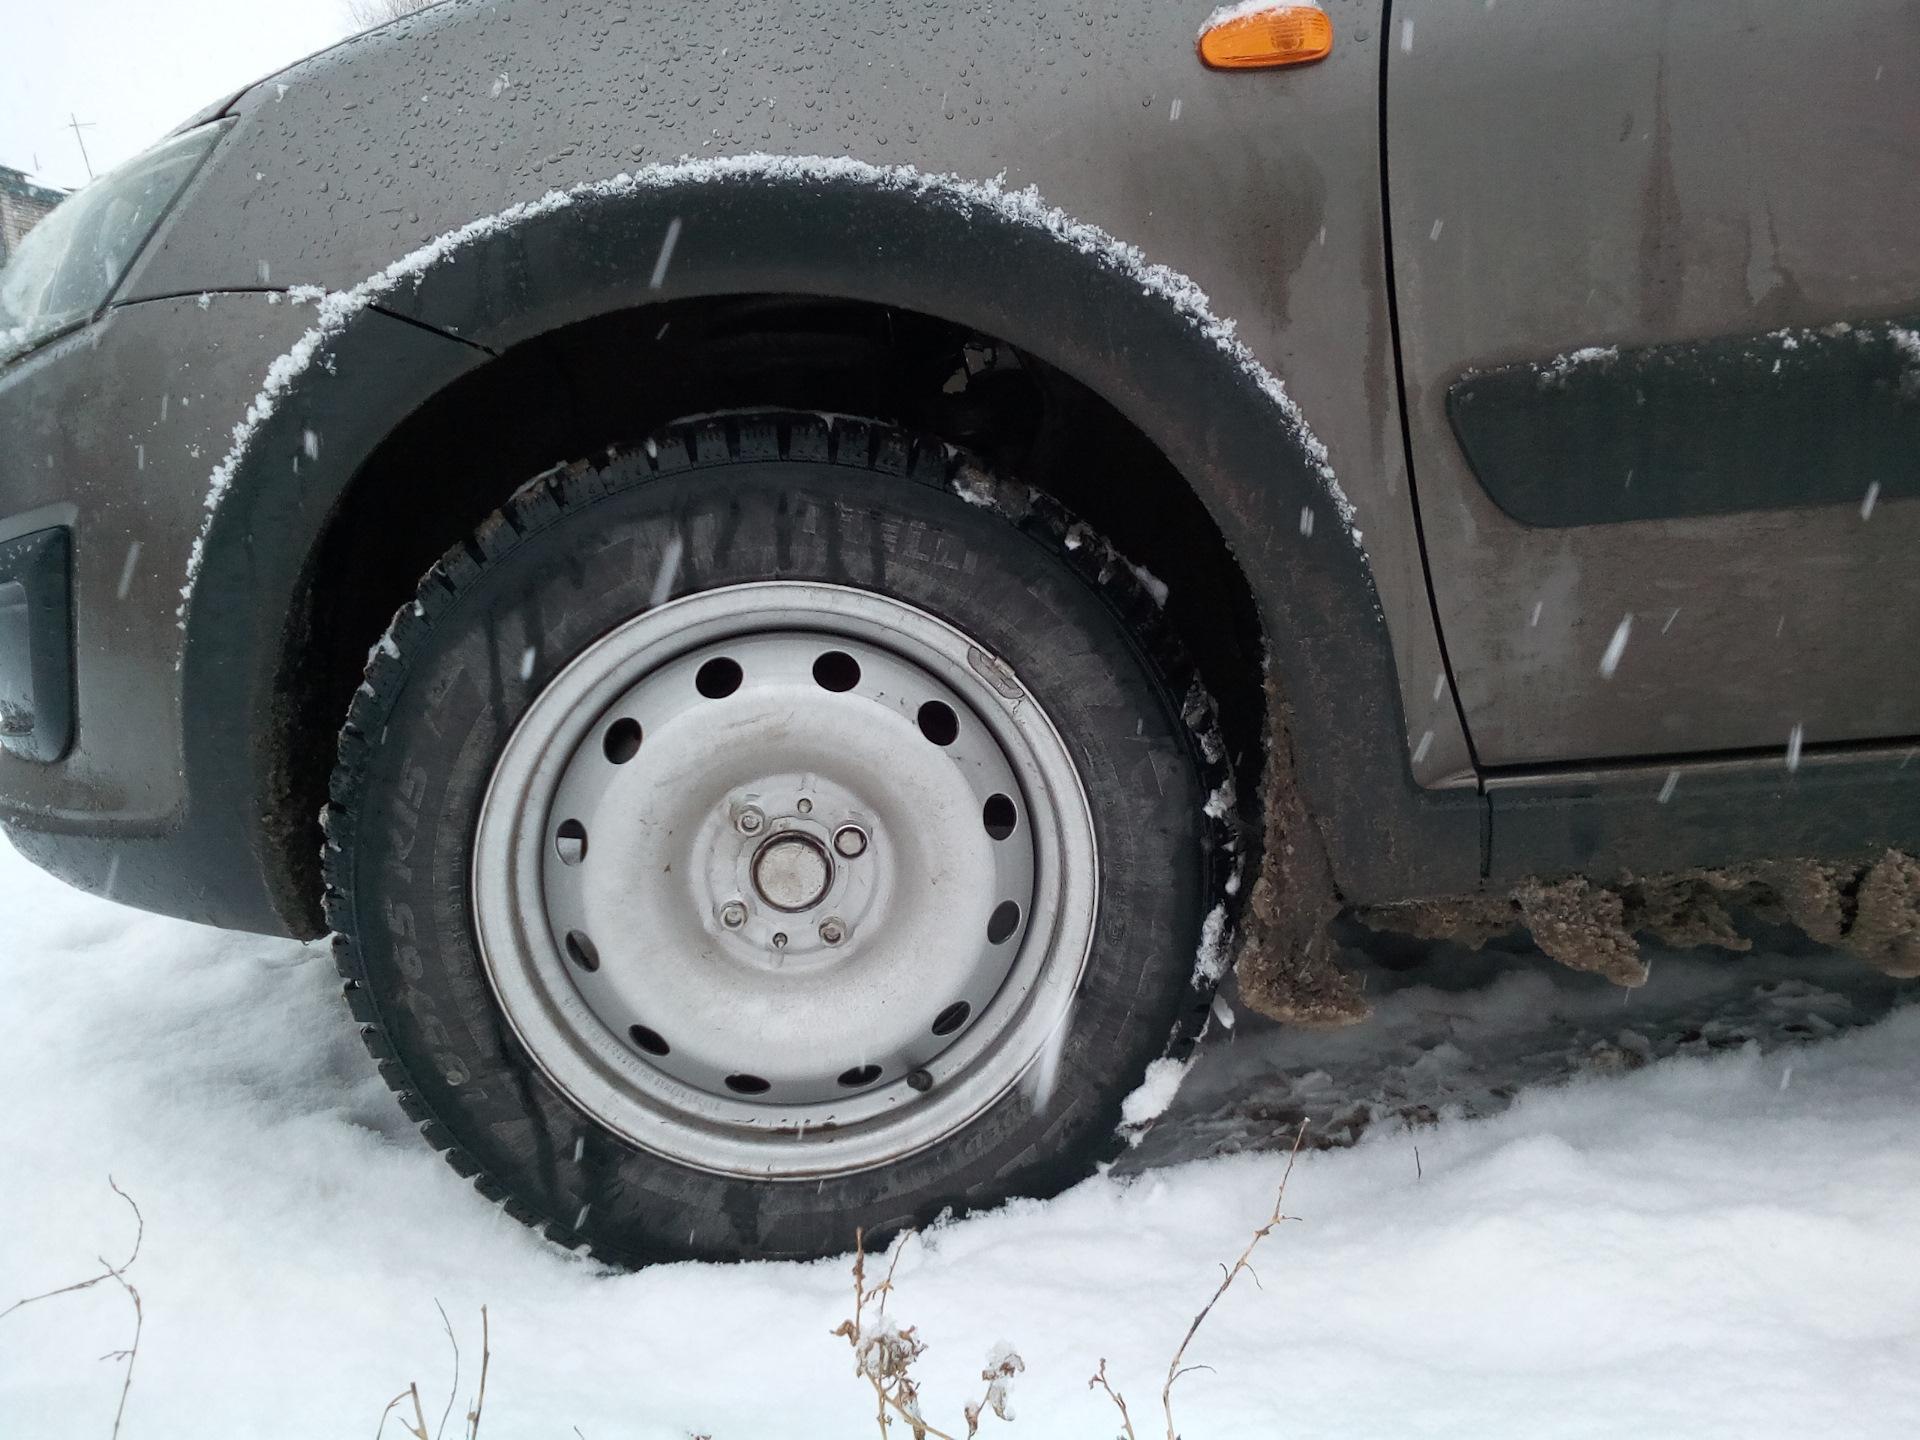 Вот, как и обещал, сфоткал на штампах R15 185/65. Машинка стала выше, как  то мягче, но может и кажется. Замерял высоту до порога около переднего  колеса, ...